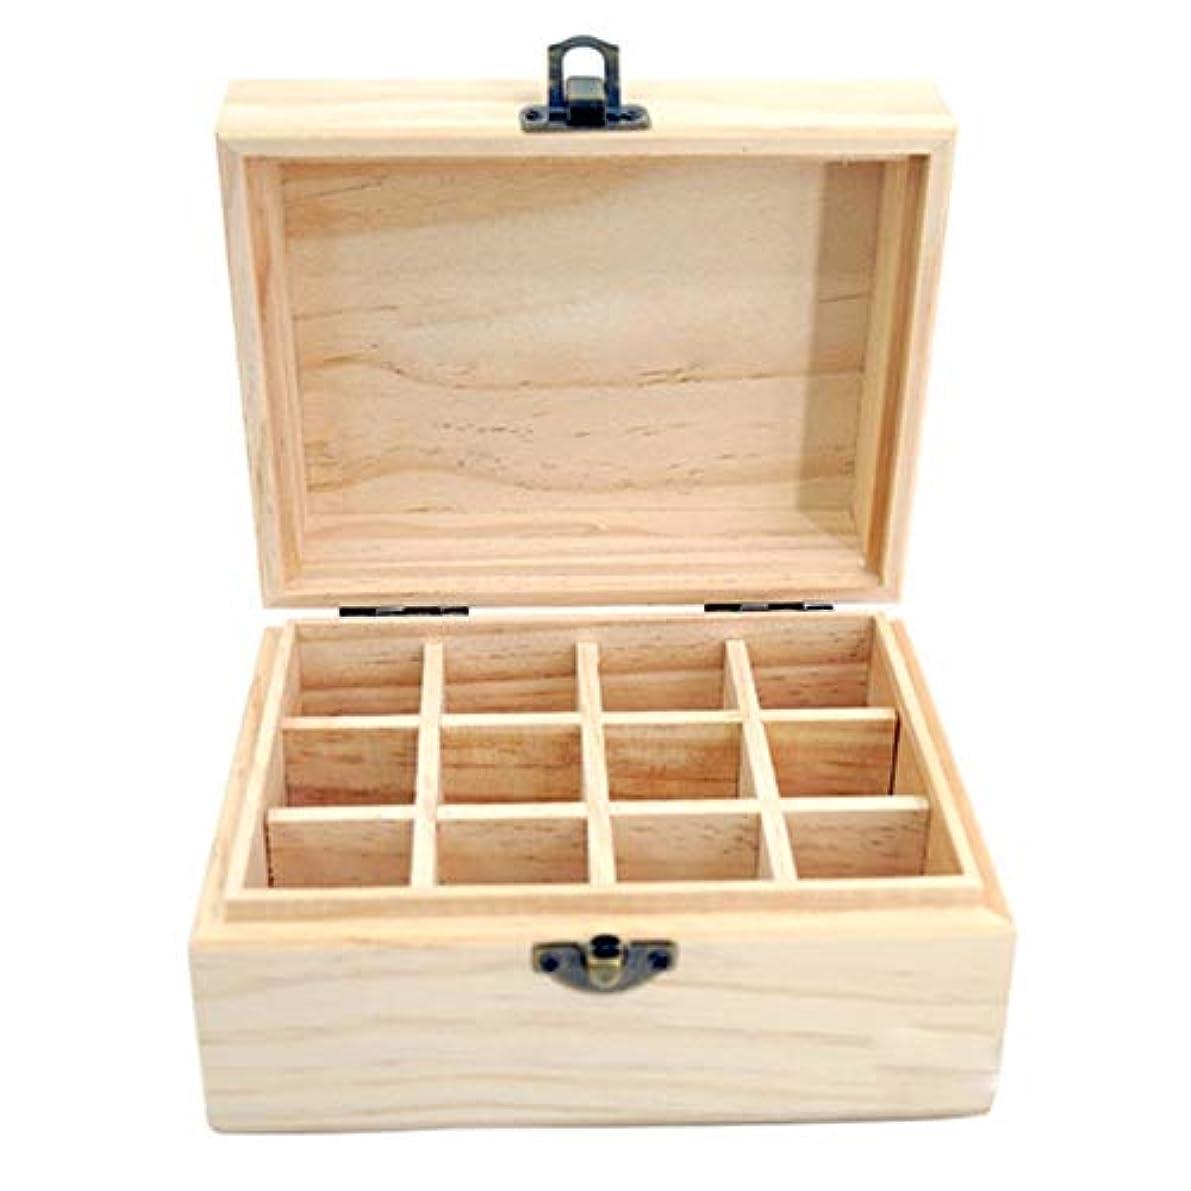 証明フィットプレビスサイトエッセンシャルオイルの保管 12スロットエッセンシャルオイル木箱の収納ケースは、あなたの油安全保護さを保つ保護します (色 : Natural, サイズ : 15X11.5X8CM)